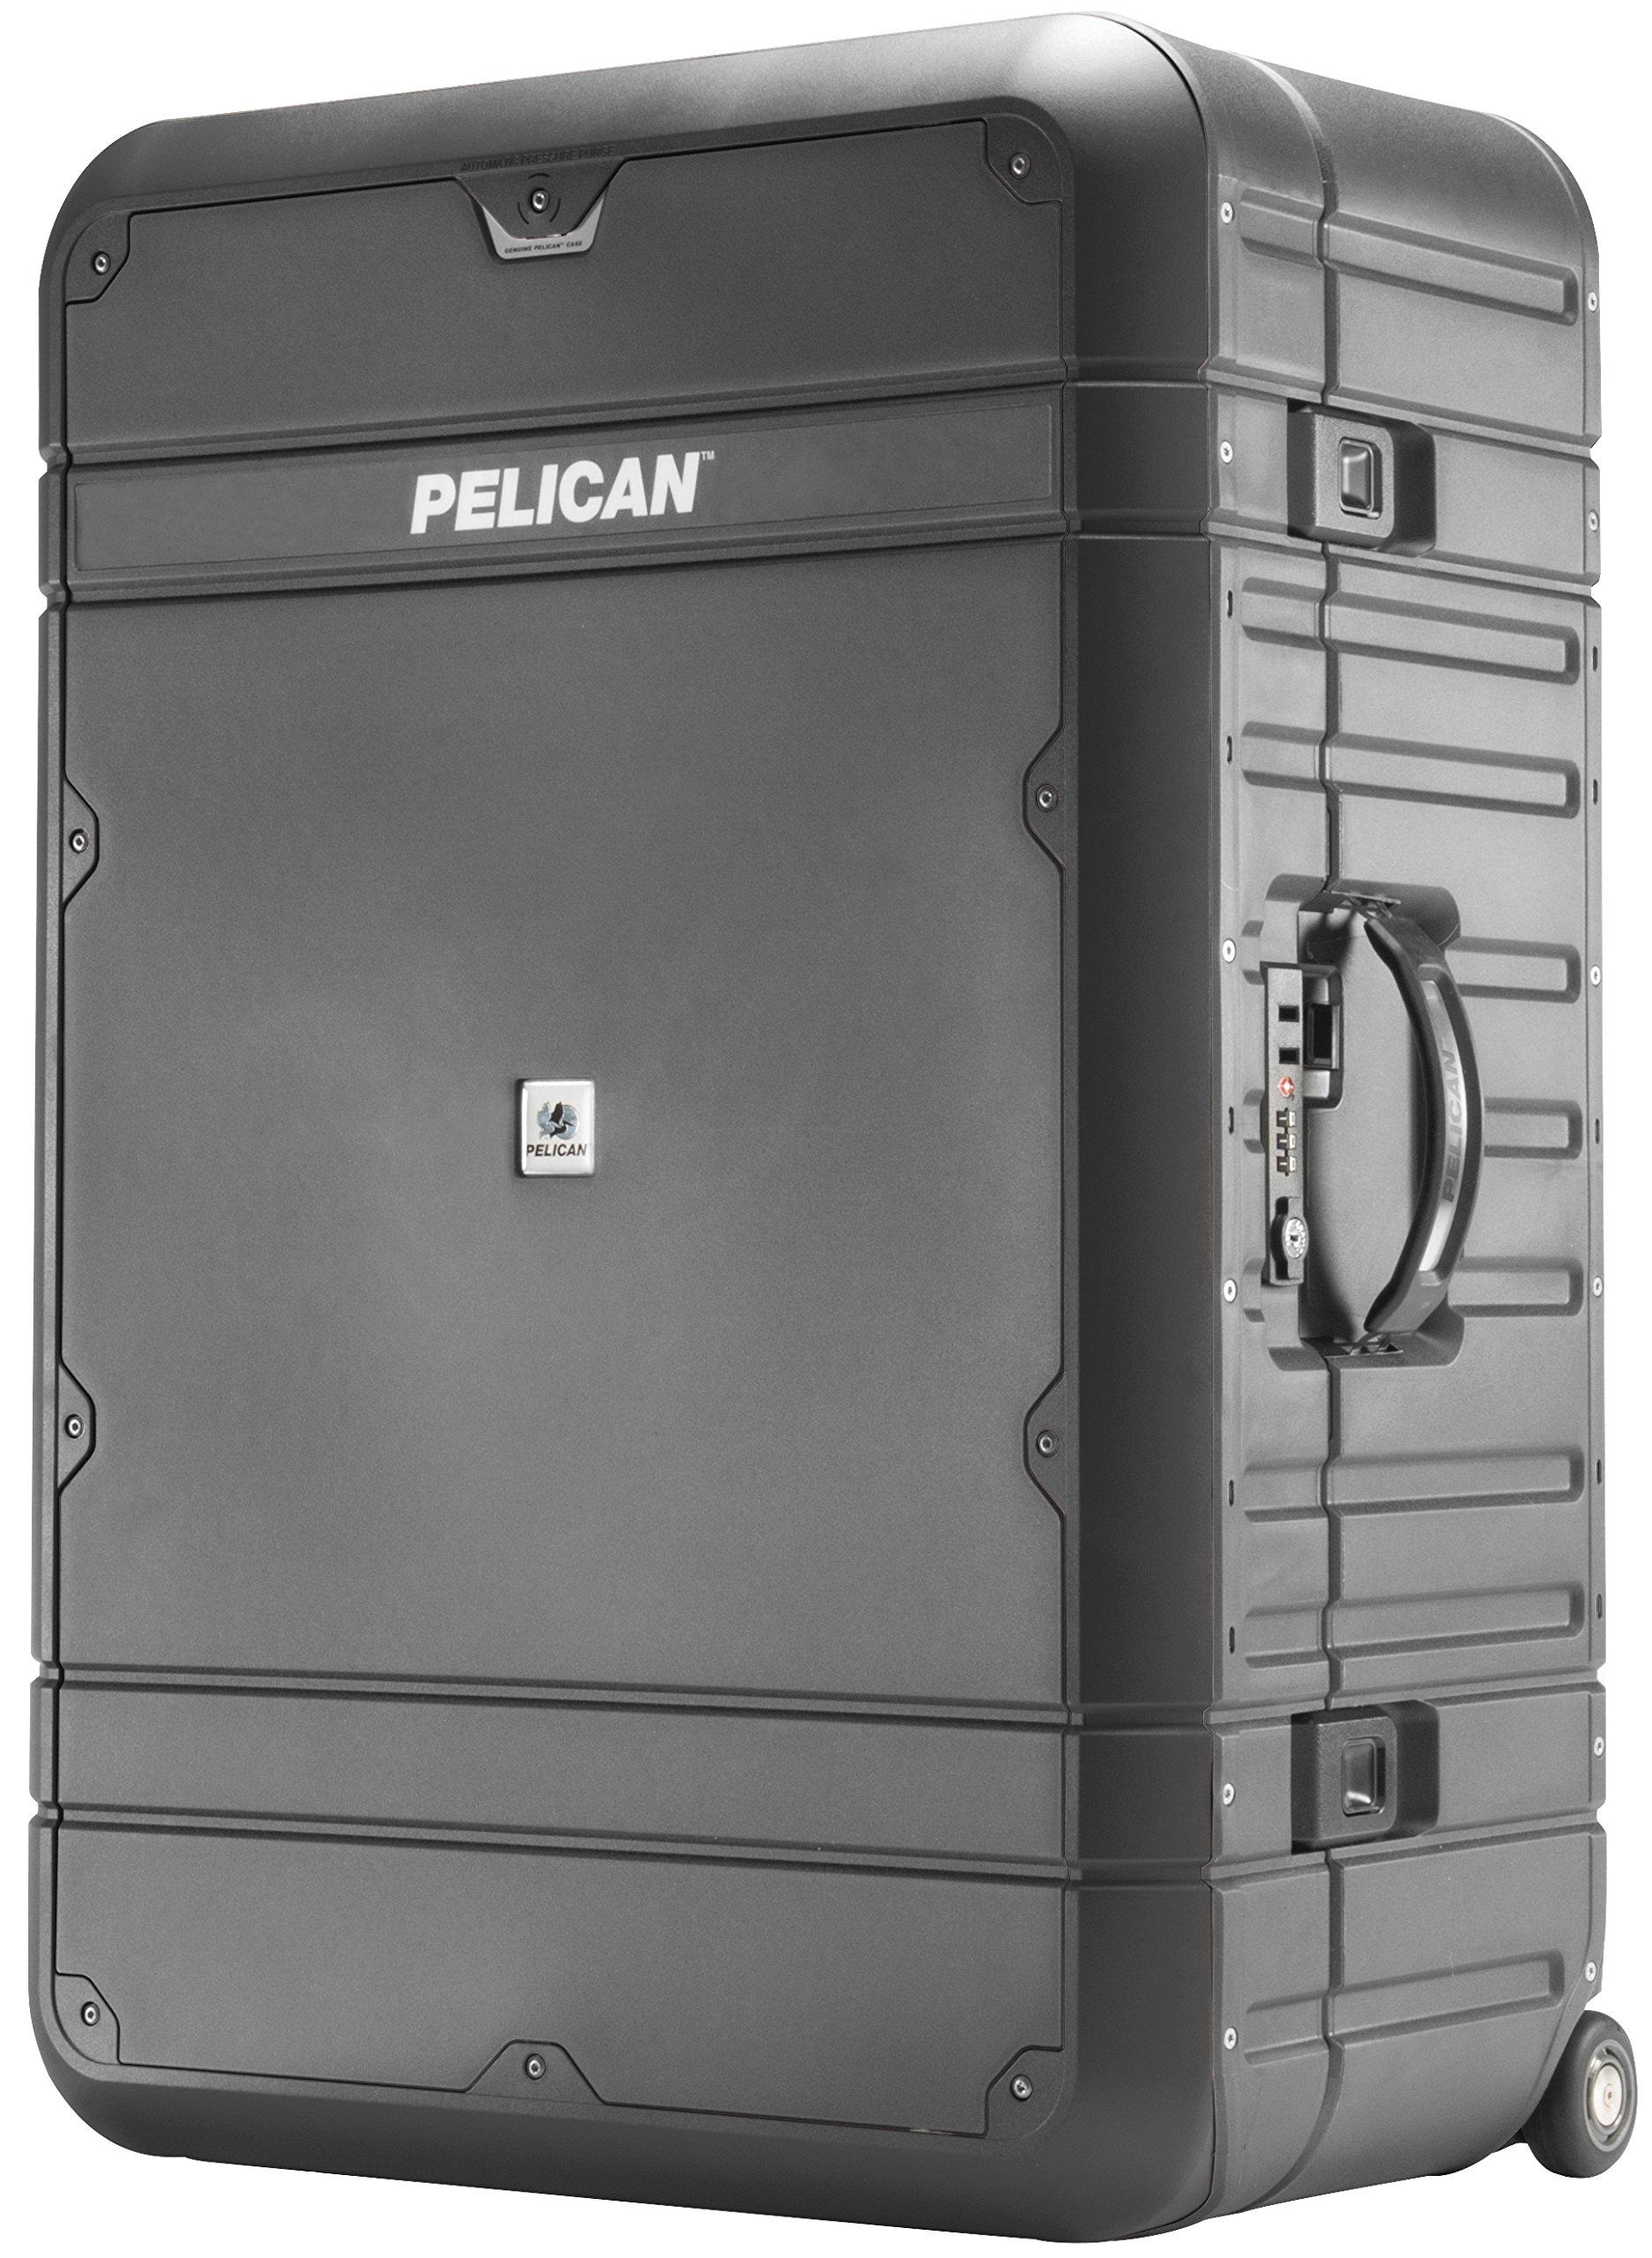 Pelican Elite Luggage | Vacationer (BA30 - 30 inch) - Grey/Black by Pelican